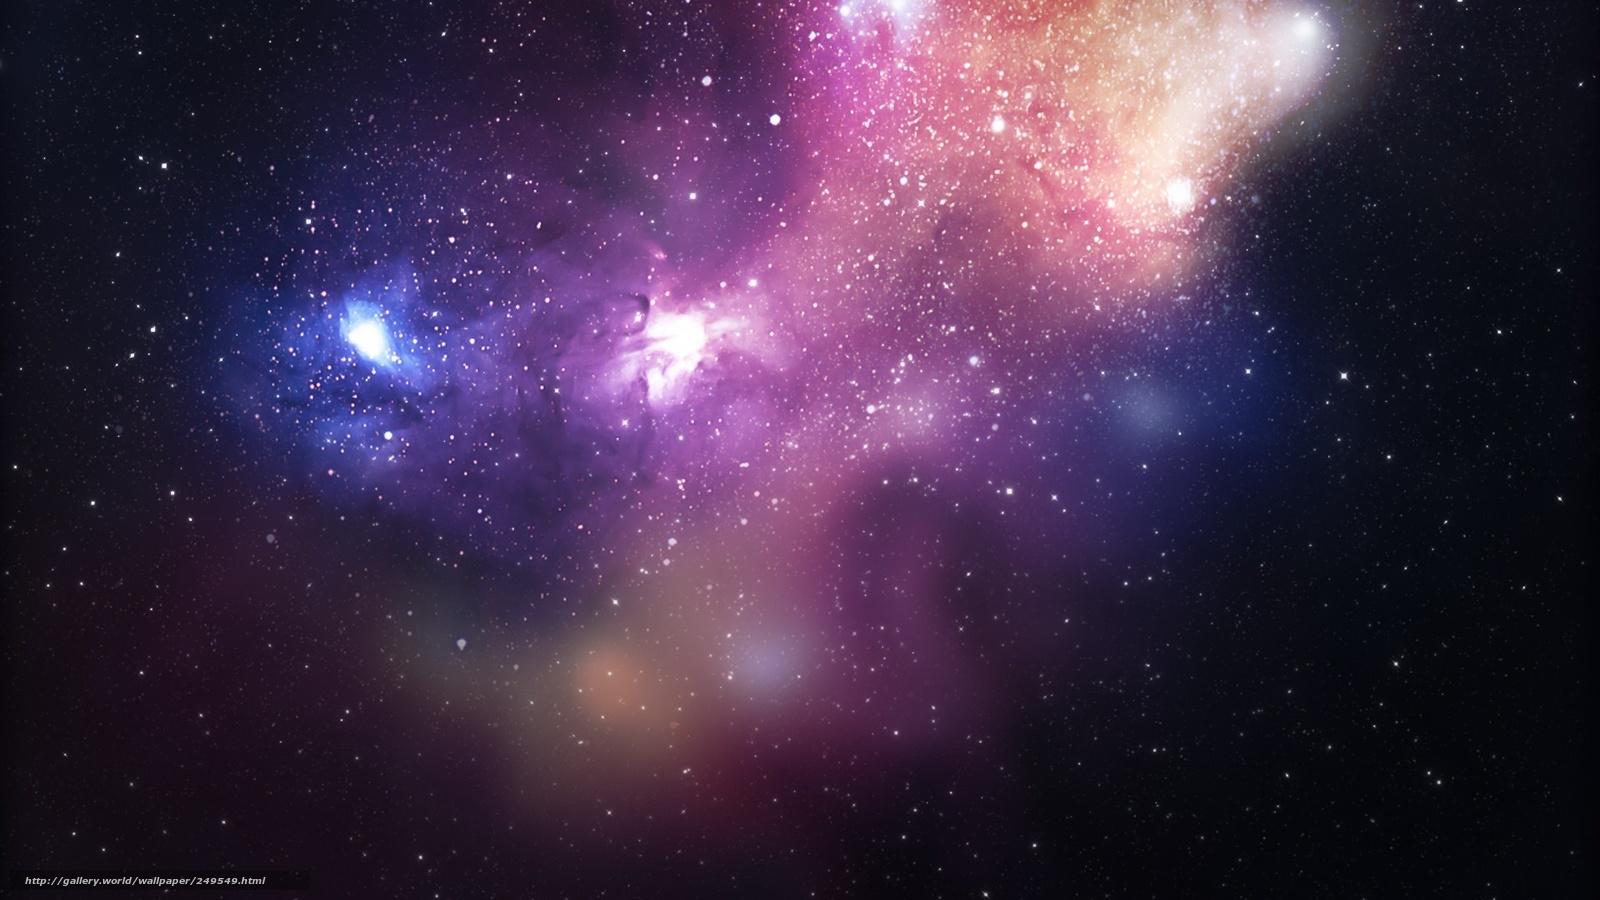 Scaricare gli sfondi stella spazio costellazione for Sfondi desktop universo